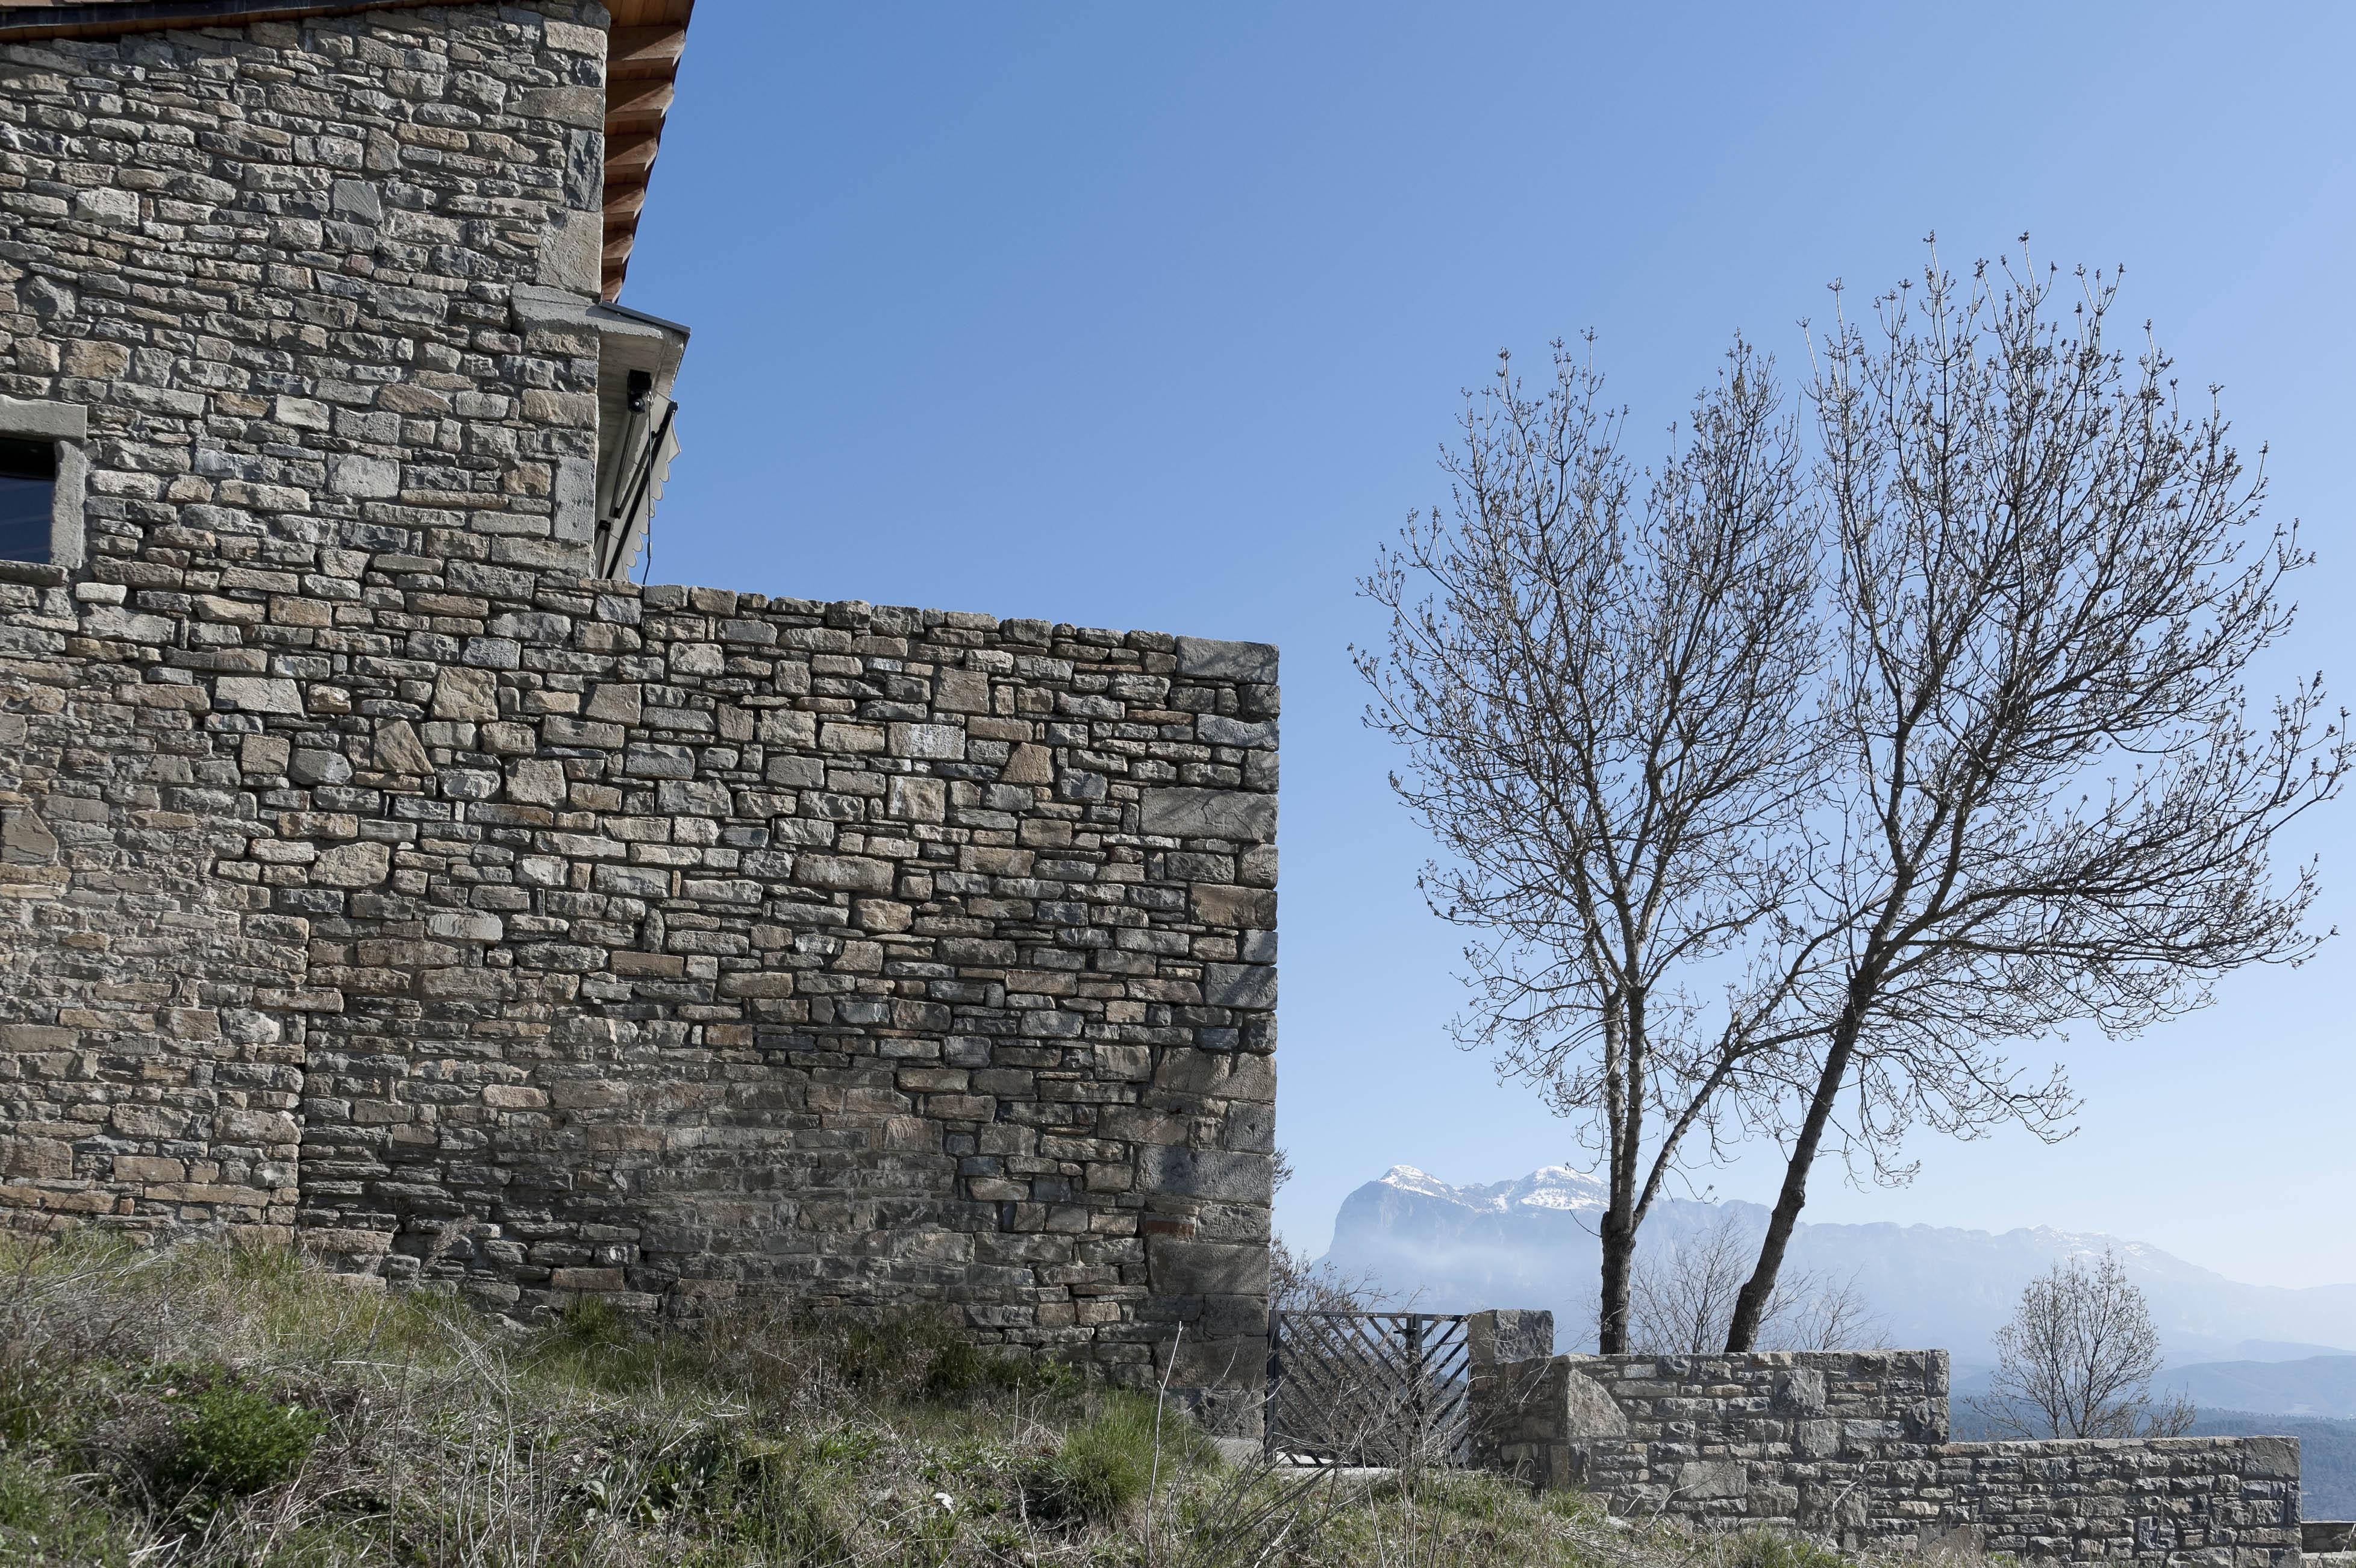 5709_Sieste (Sobrarbe Aragon)